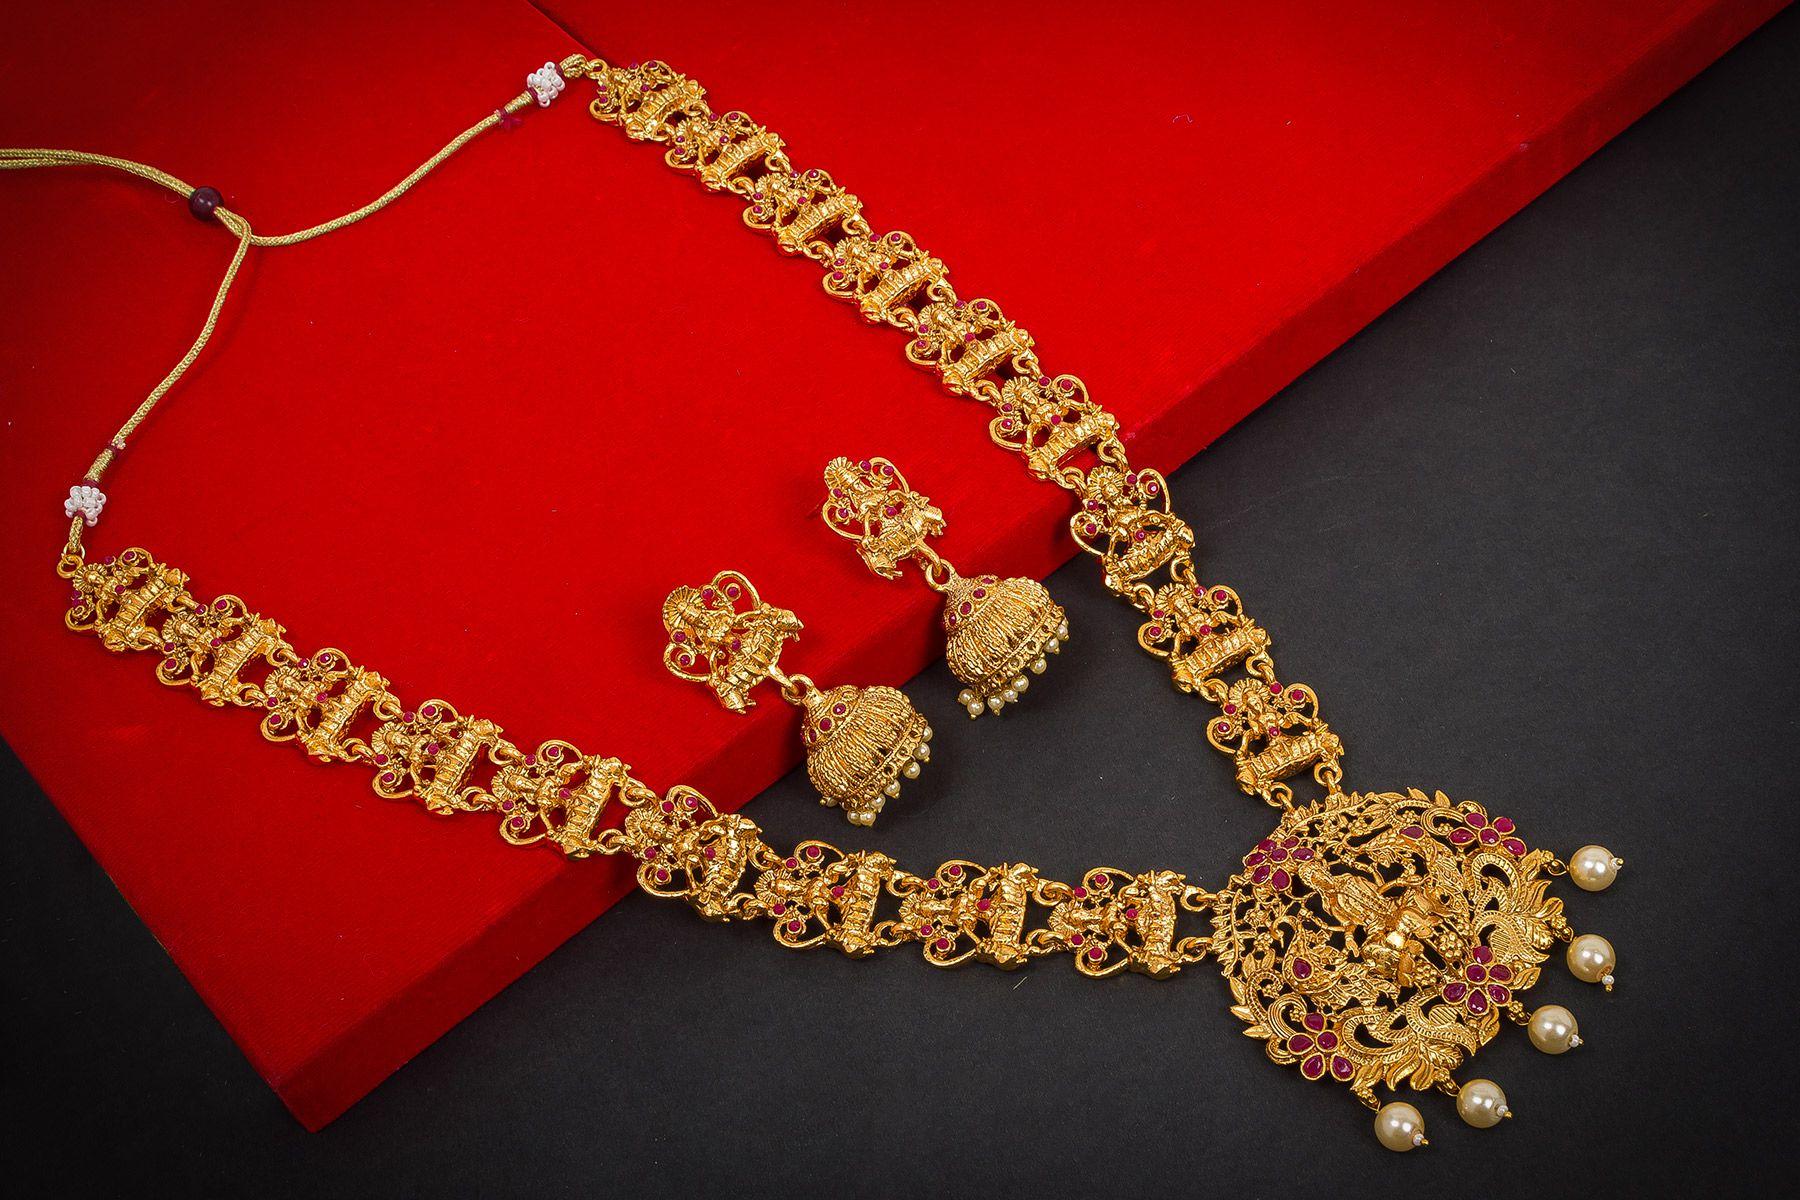 Aadita Fashion Jewellery Alloy Golden Contemporary Contemporary/Fashion Gold Plated Necklaces Set